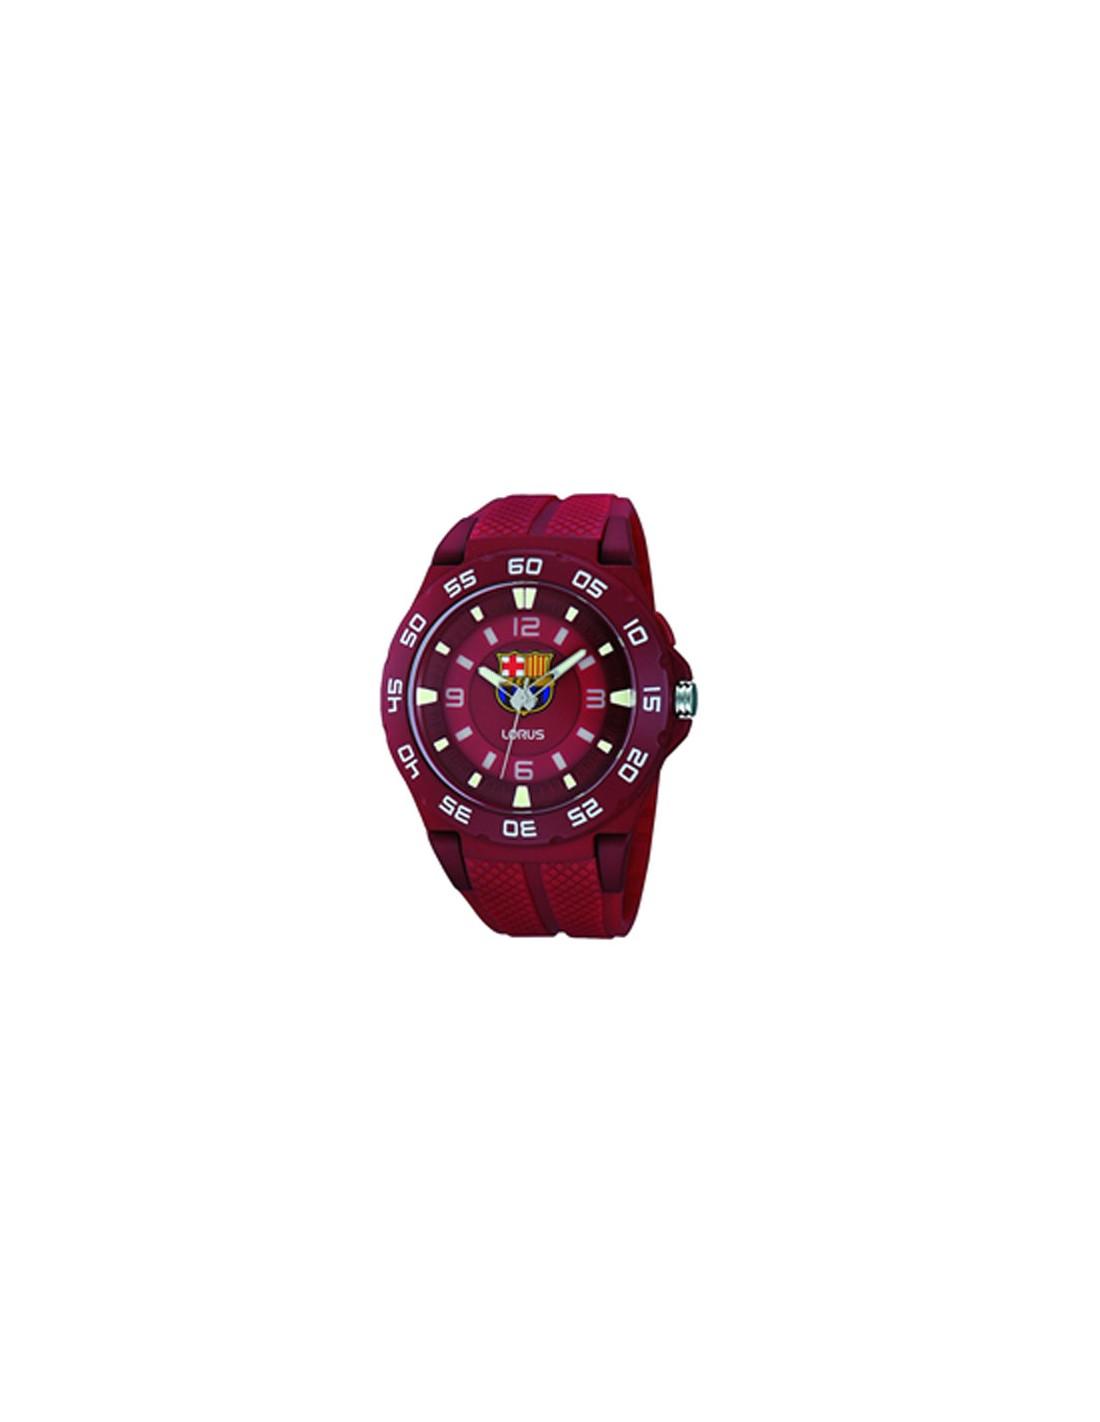 f6a0cb6adce6 Reloj Lorus R2361GX9 - Relojes Lorus